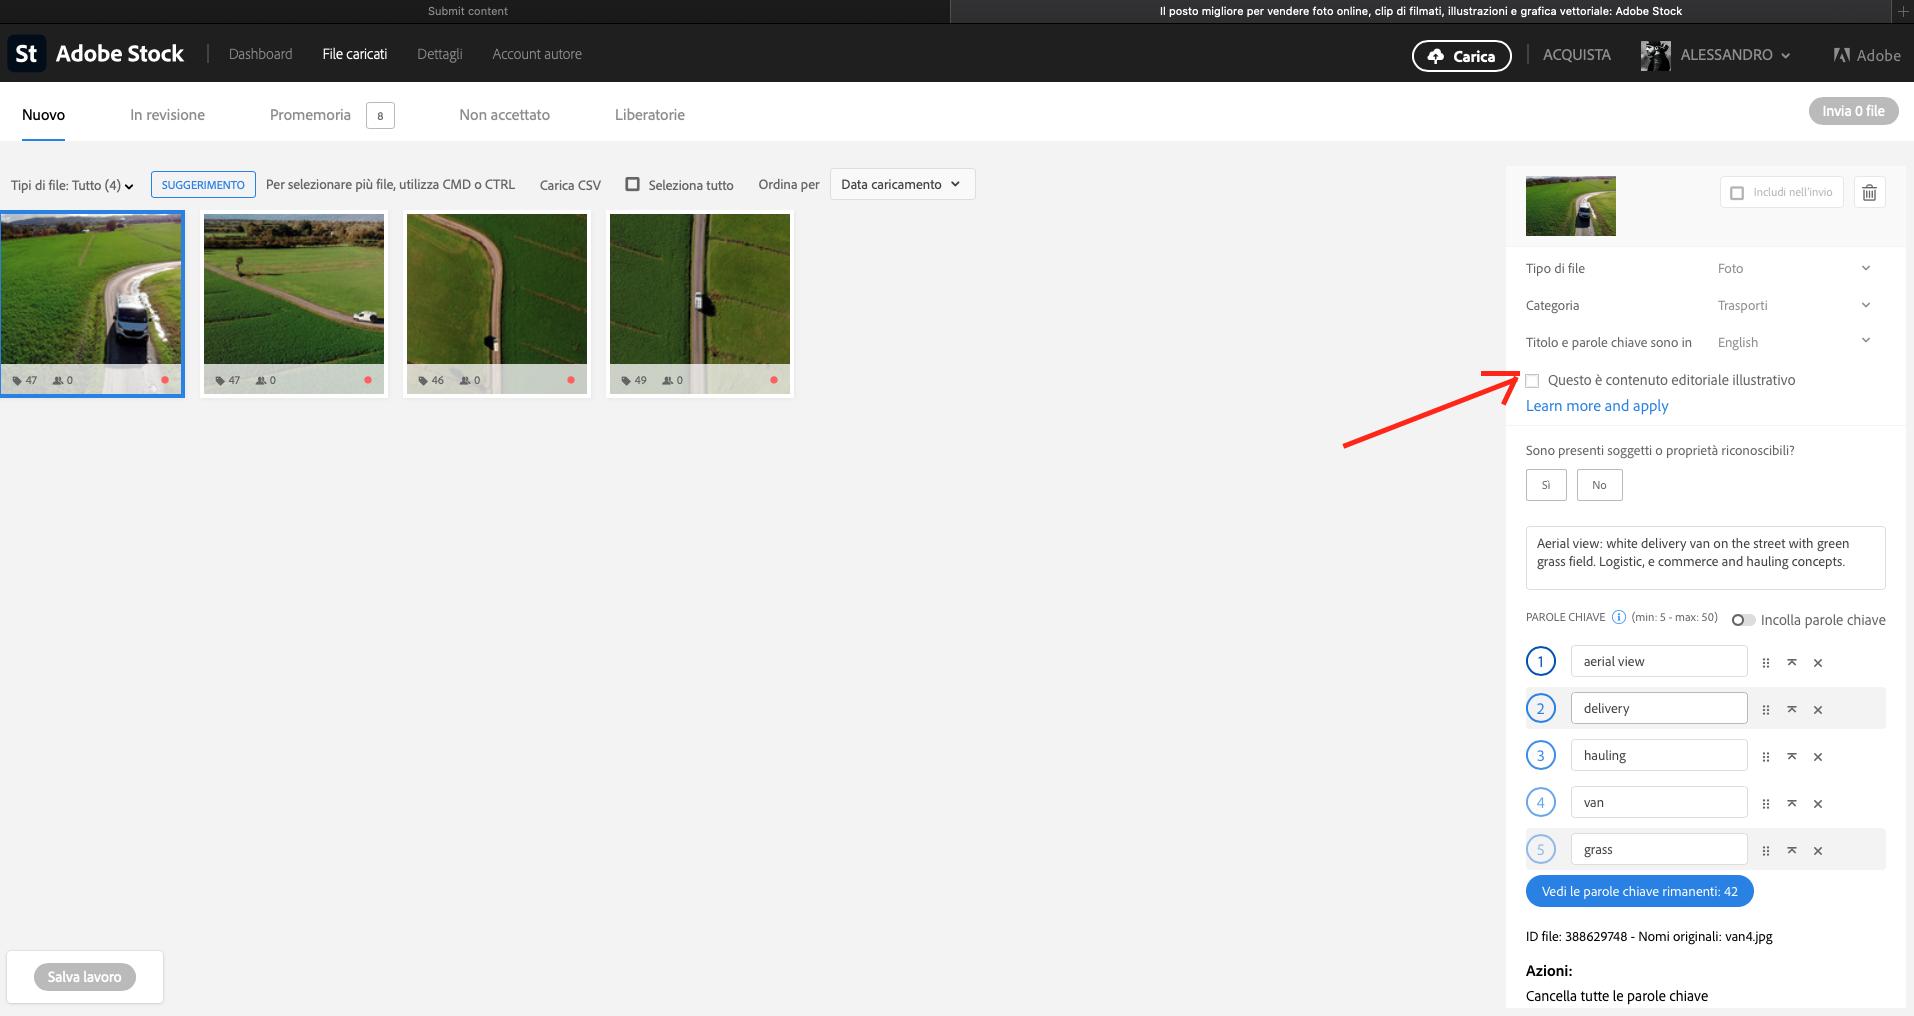 Selezione dei contenuti editoriali su Adobe Stock